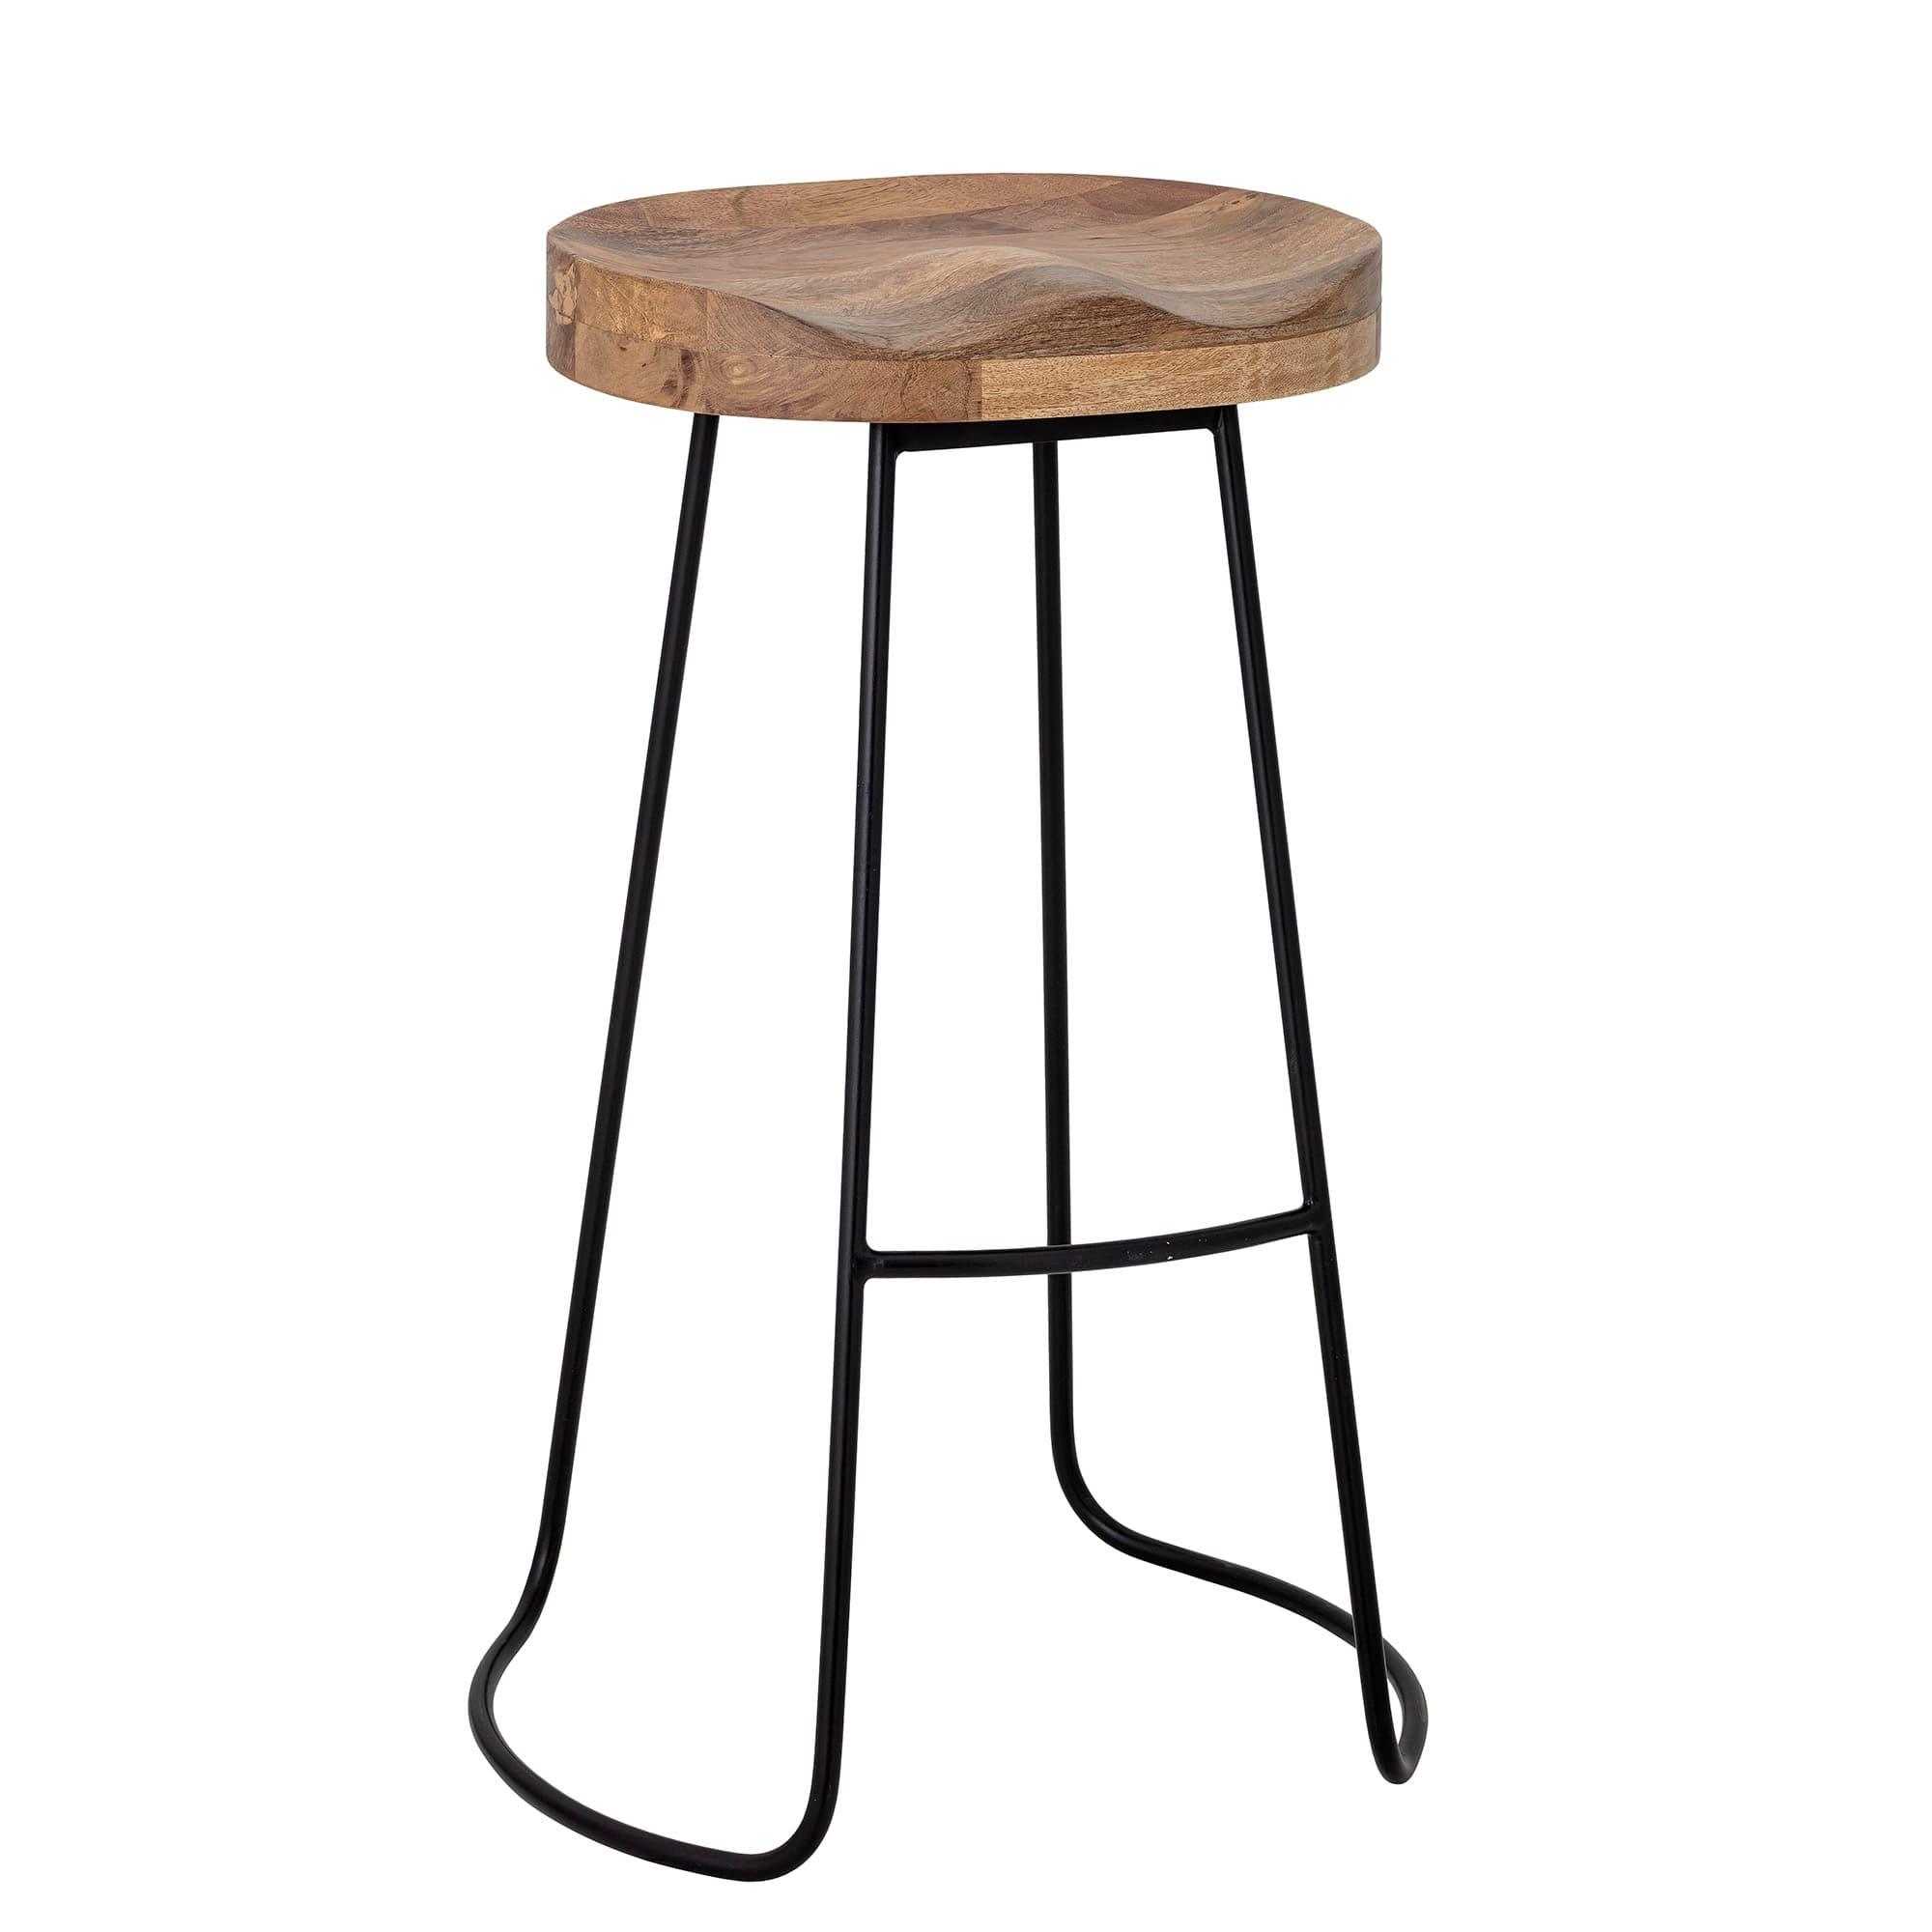 Scaun de bar din lemn si picioare metalice, Alaya Natural, Ø38,5xH73 cm poza